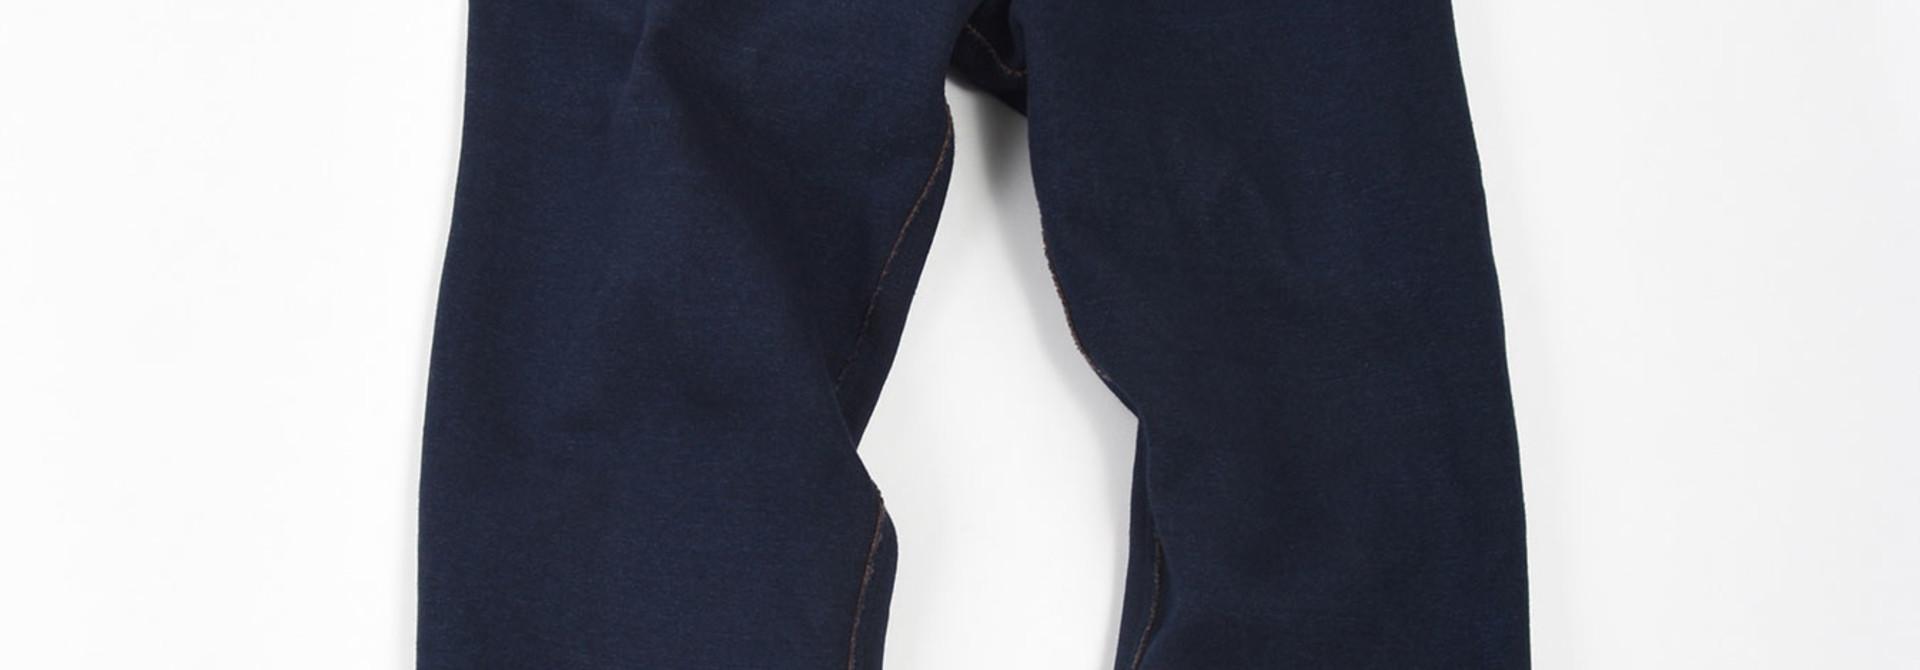 Indigo Hokkaido Fleecy Easy Pants